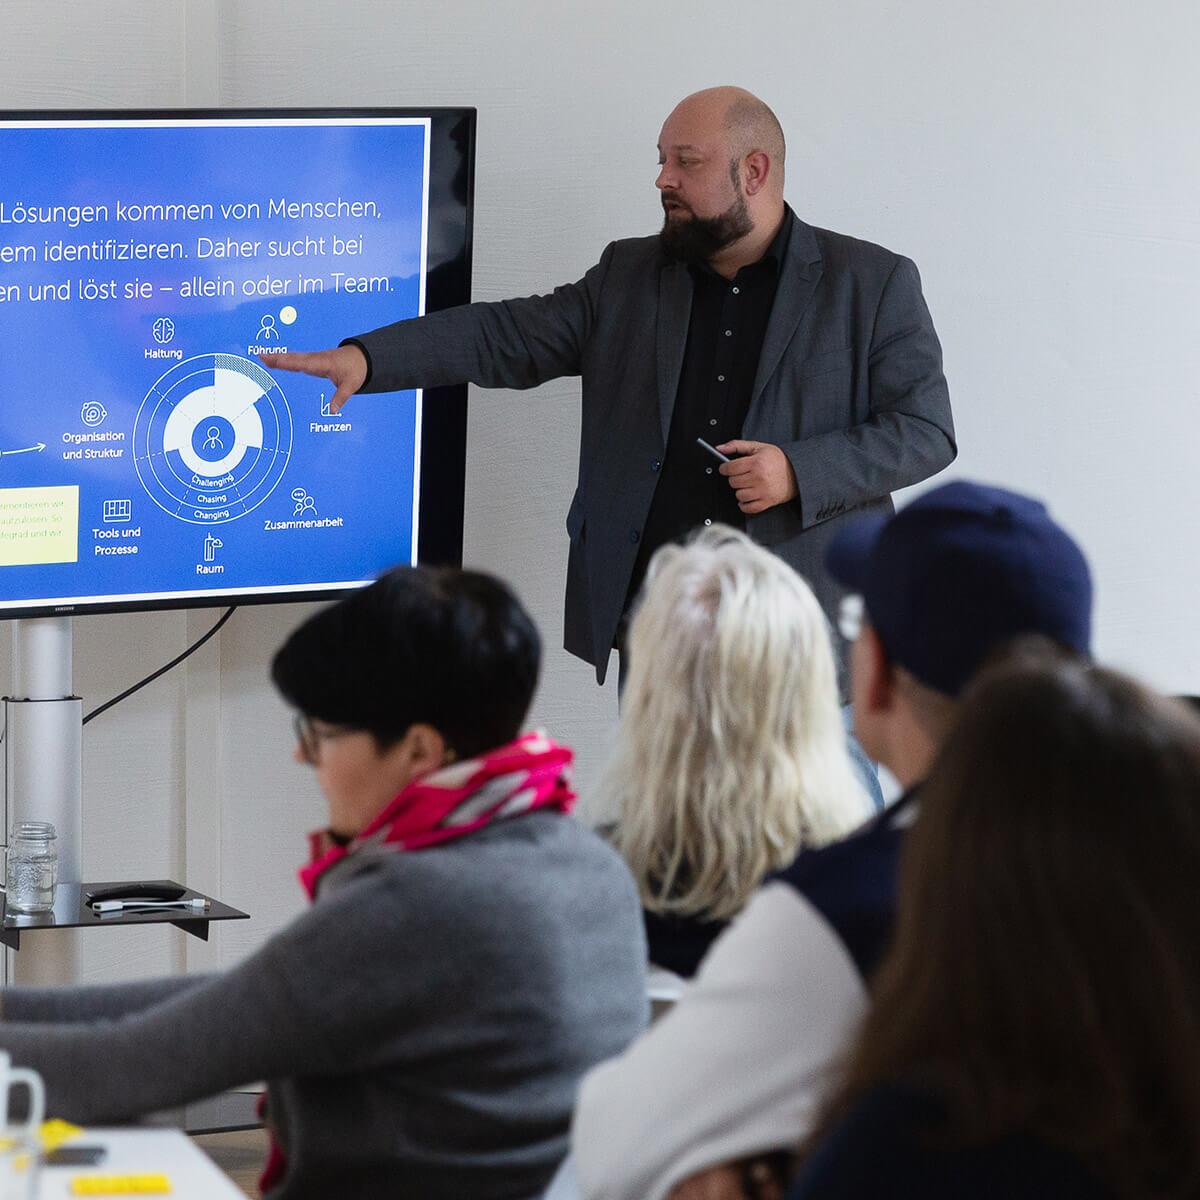 Mitarbeiter von Me & Company hält Vortrag im seiner Rolle als Company Designer